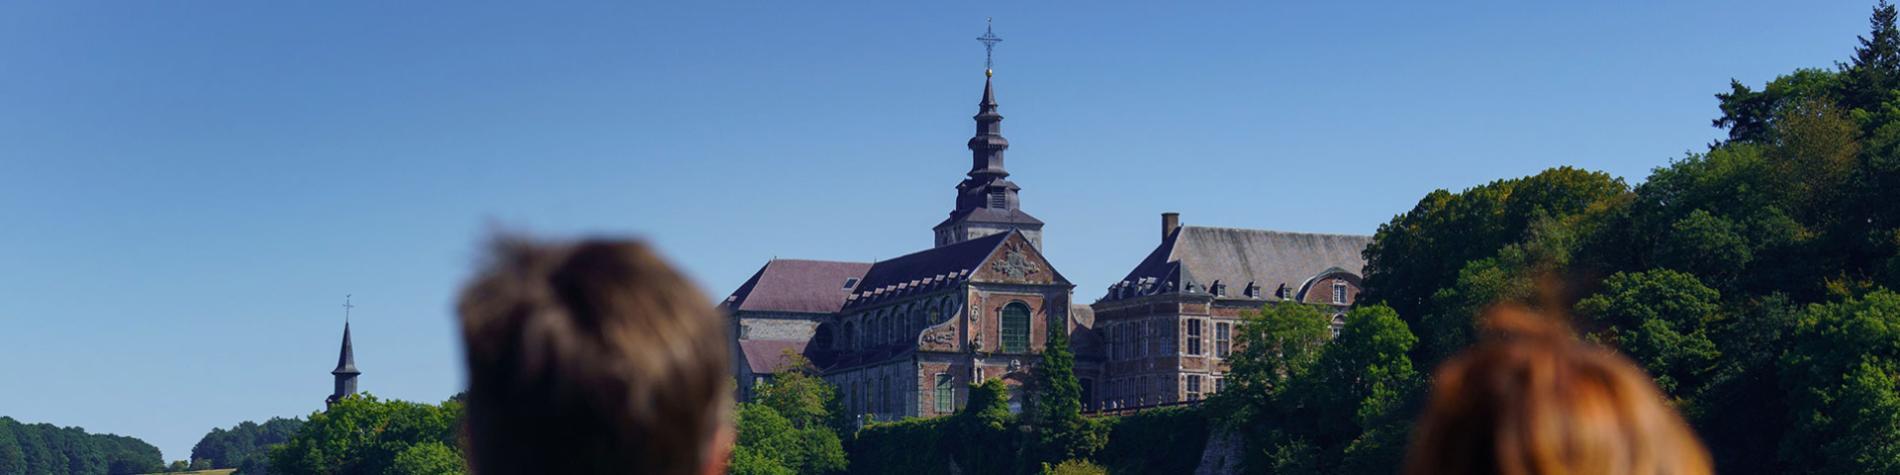 MTSO - Maison du Tourisme Sambre-Orneau - Floreffe